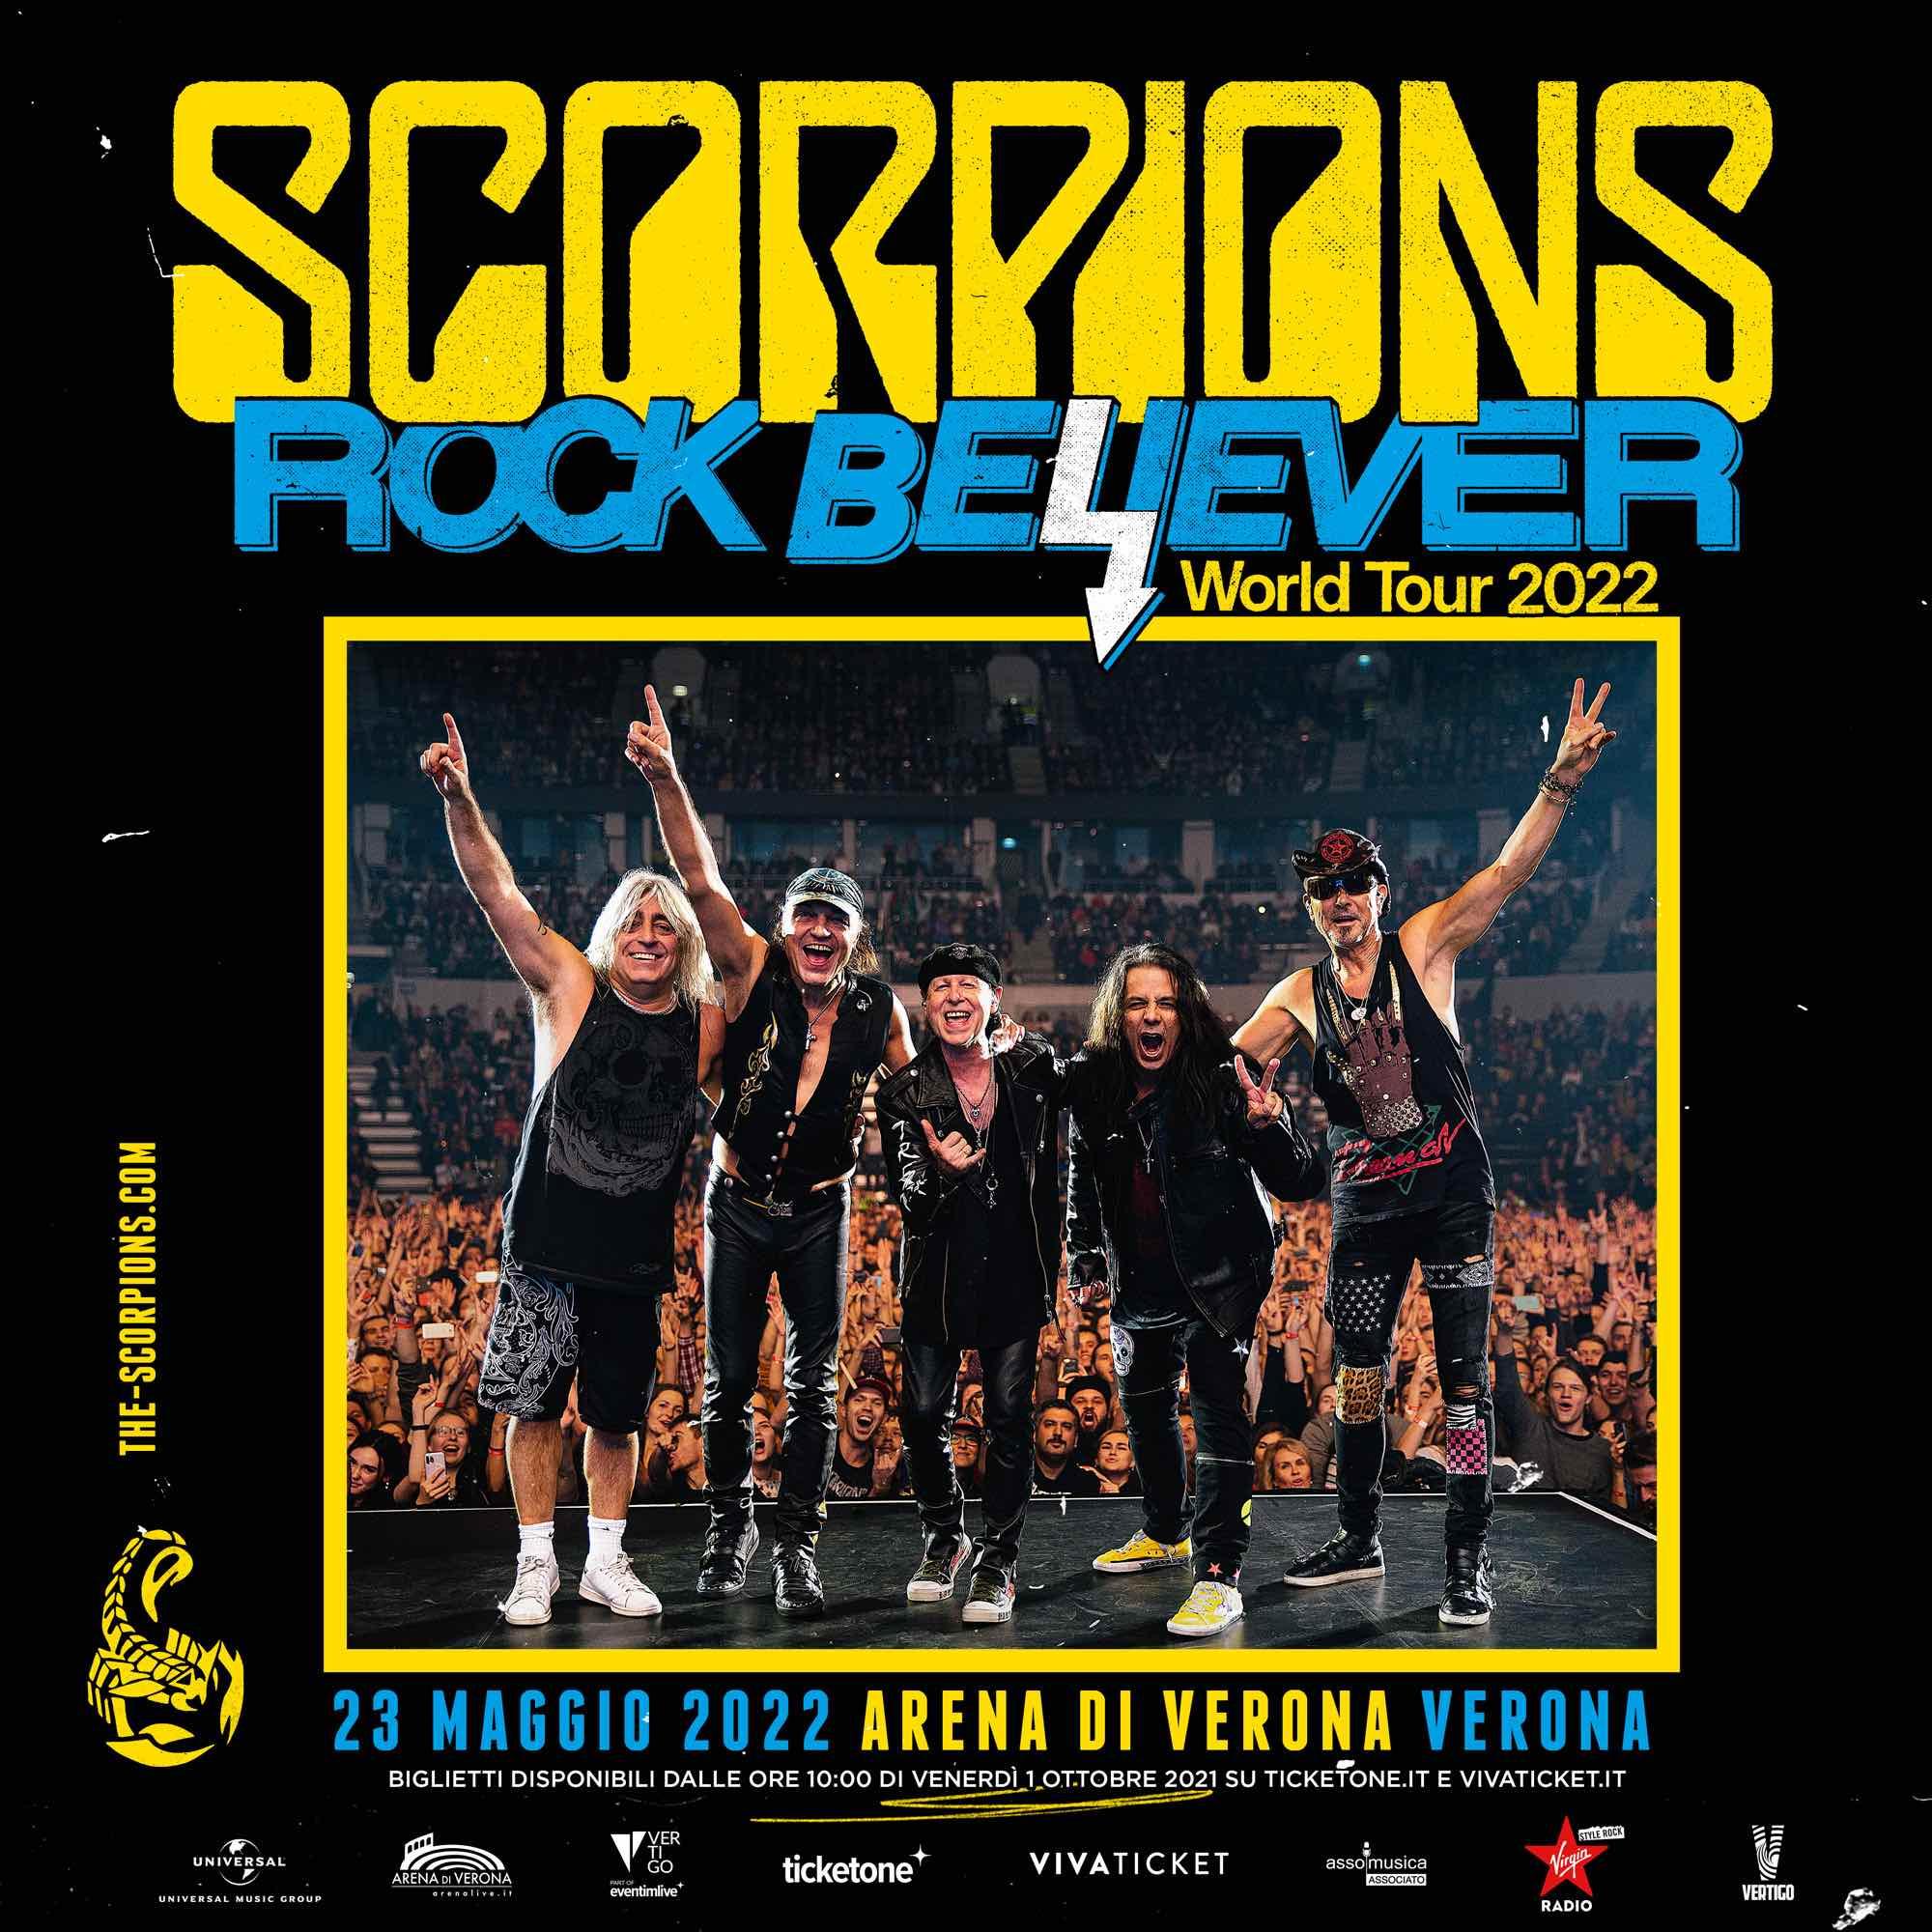 SCORPIONS tornano dal vivo in Italia per un'unica data evento all'Arena di Verona!